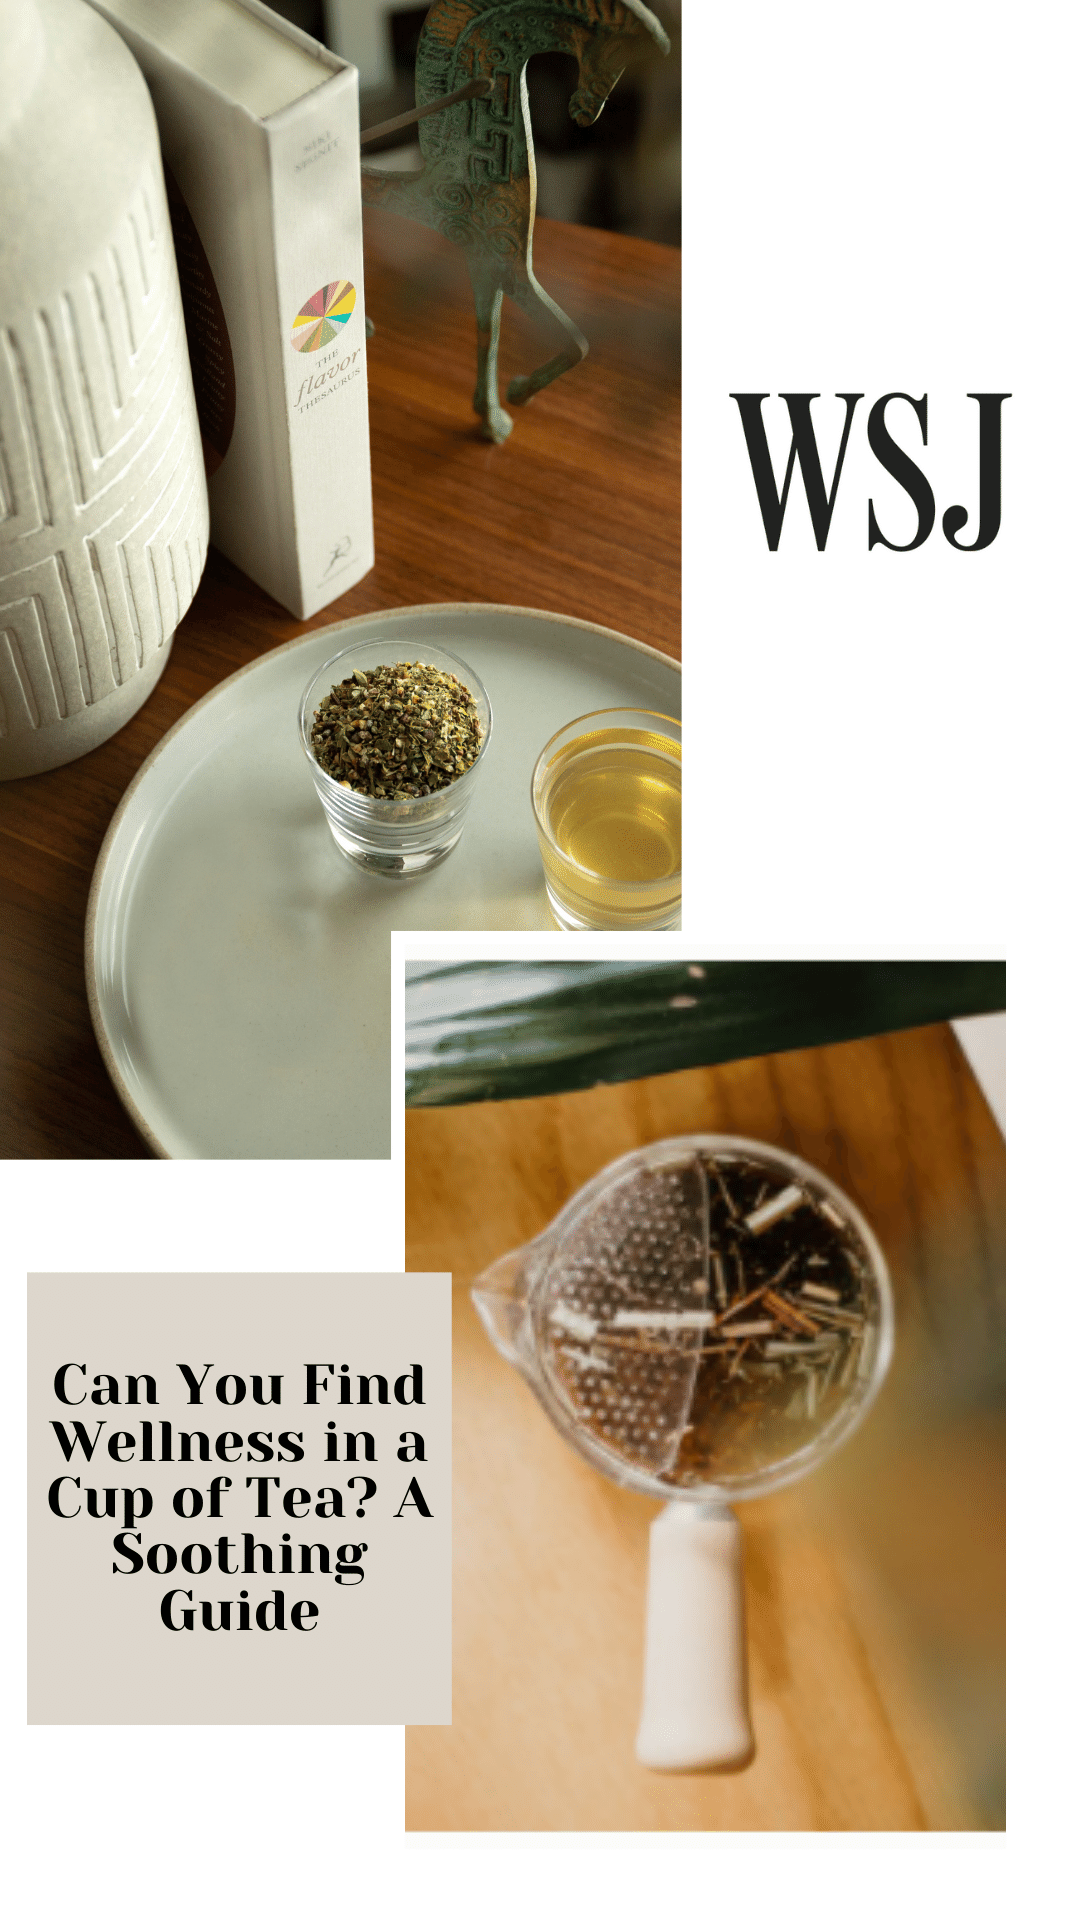 Rishi Tea Wall Street Journal